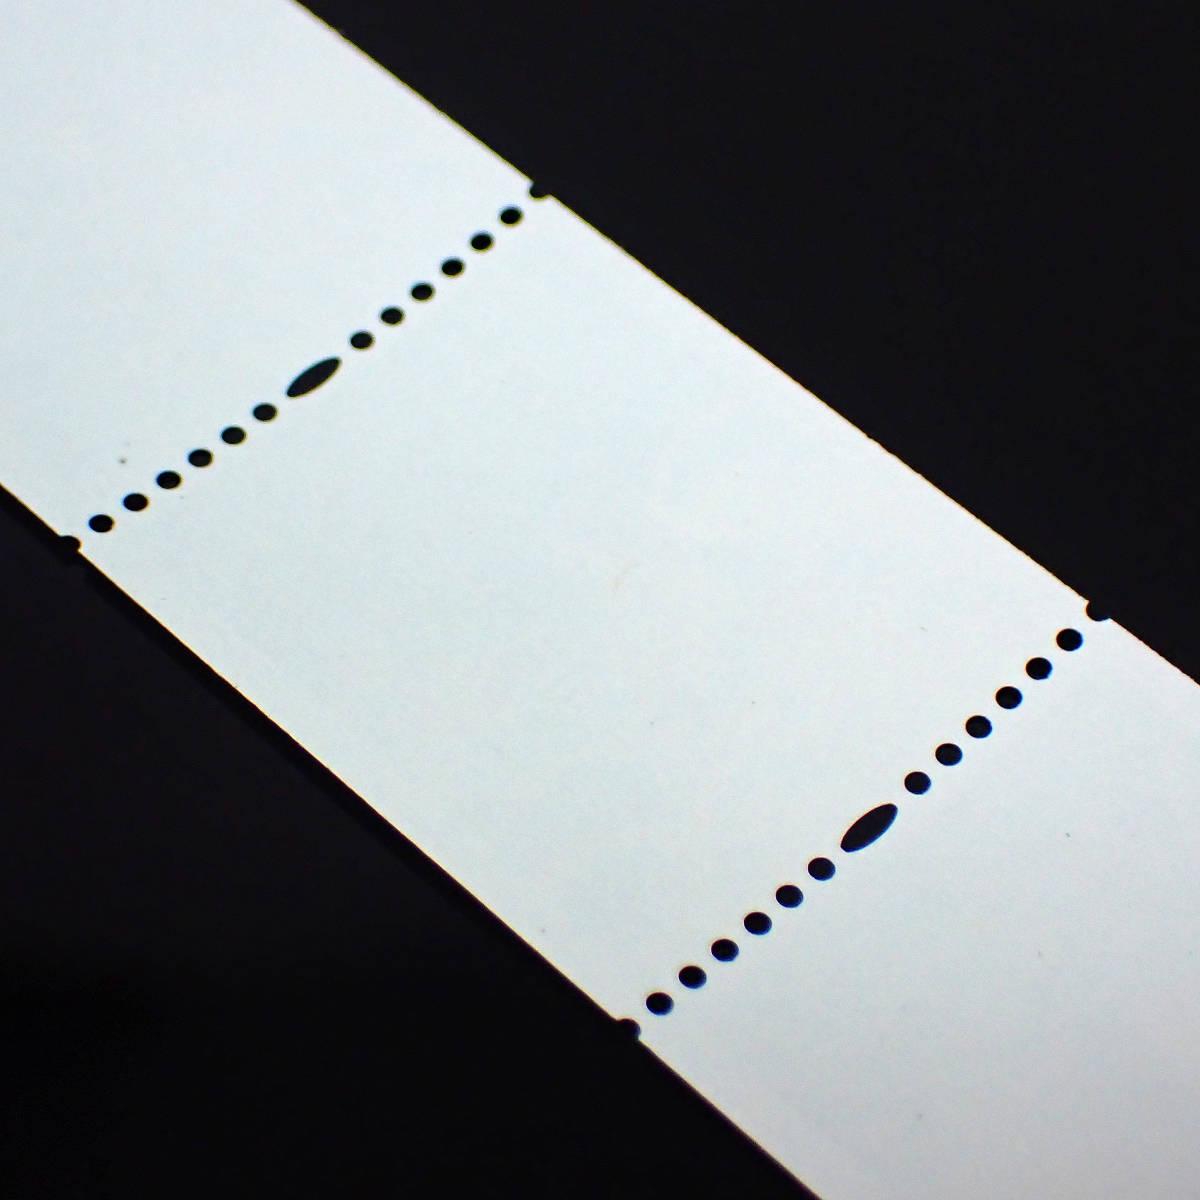 エラー切手 270円 誤印字 コイル切手 5枚連 未使用切手 _画像3